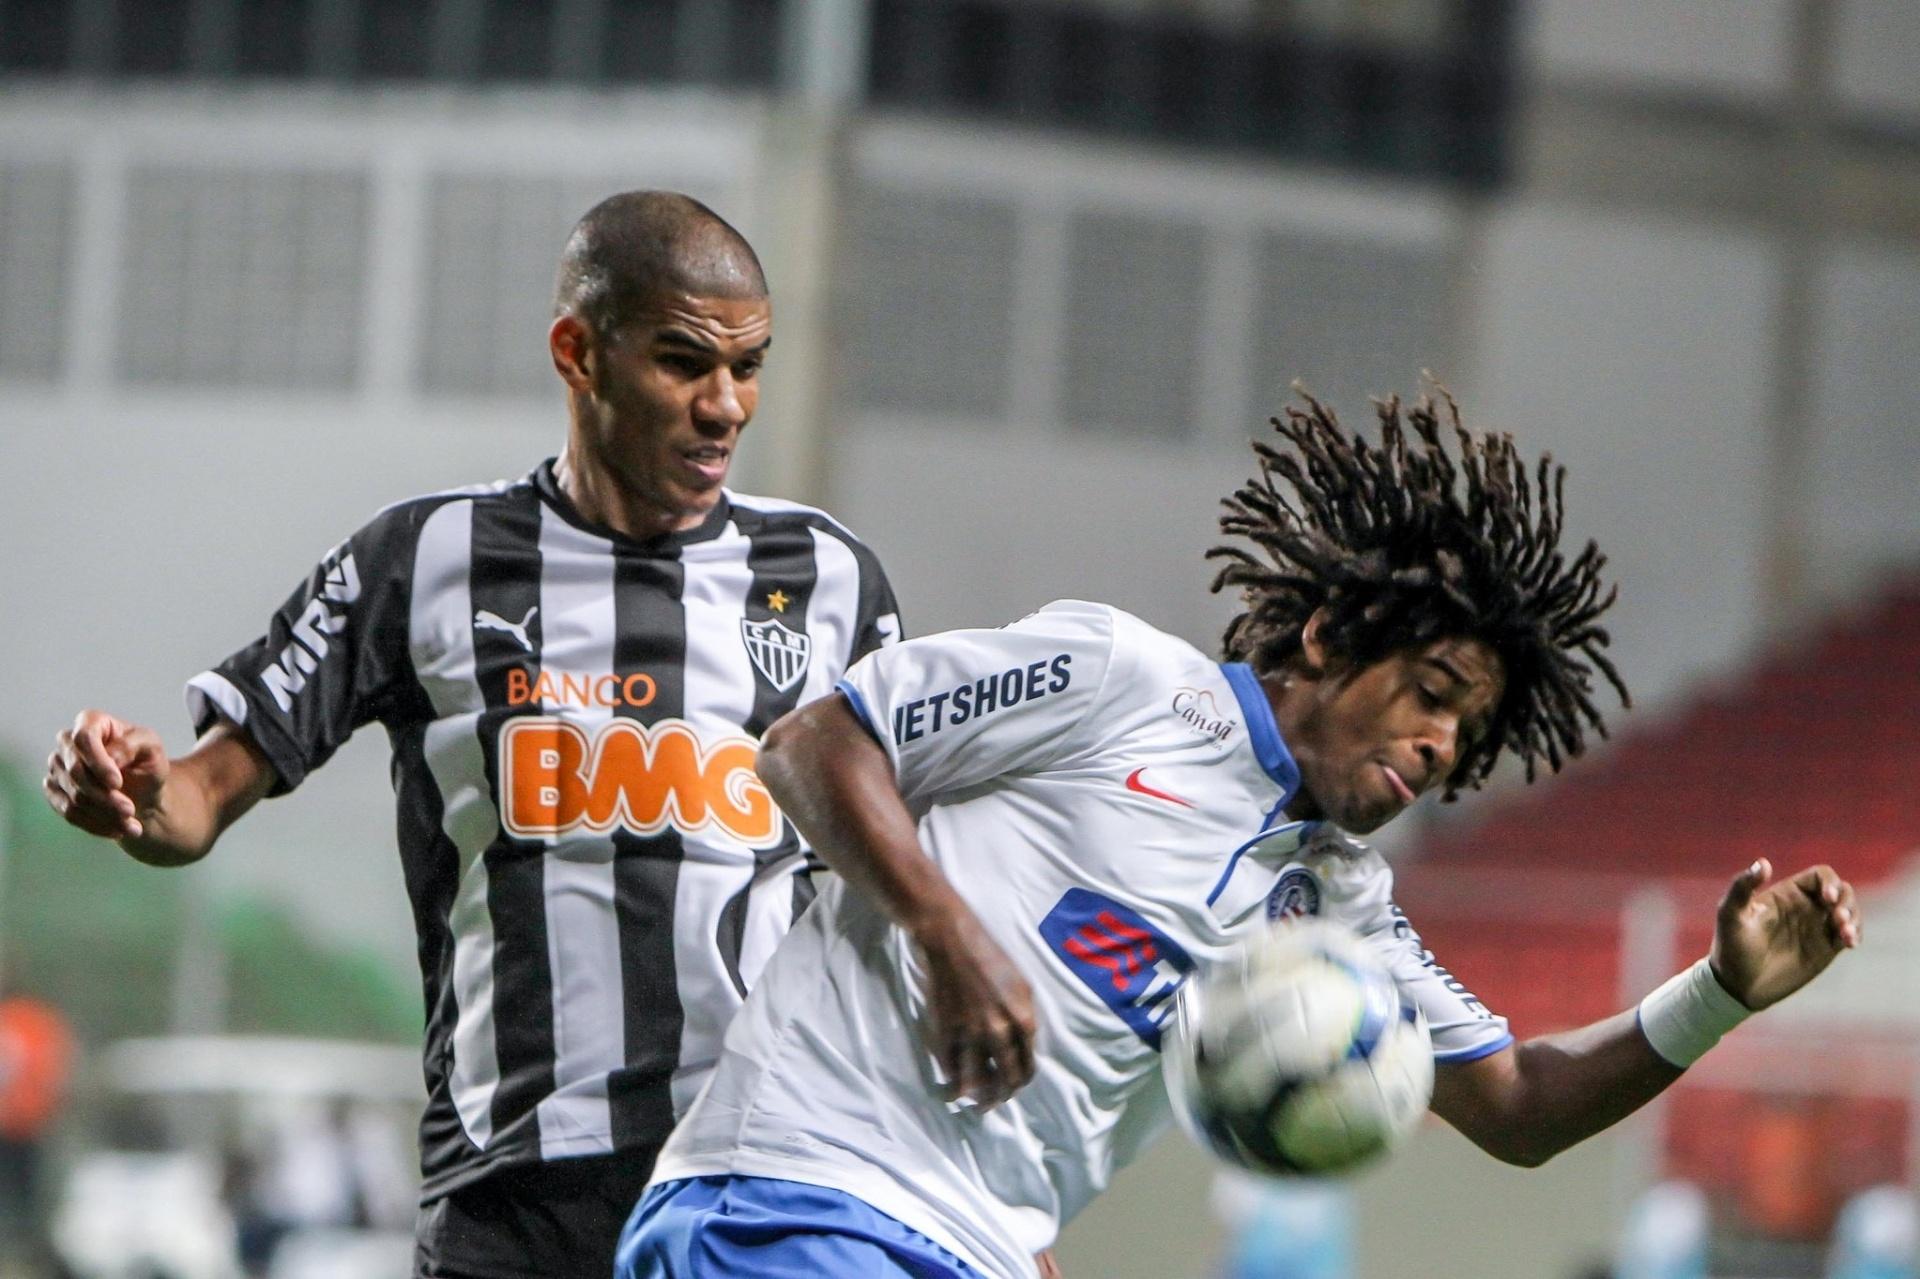 Atlético-MG encaminha acordo para renovar contrato de Leonardo Silva -  02 09 2014 - UOL Esporte b64fcc175cab2